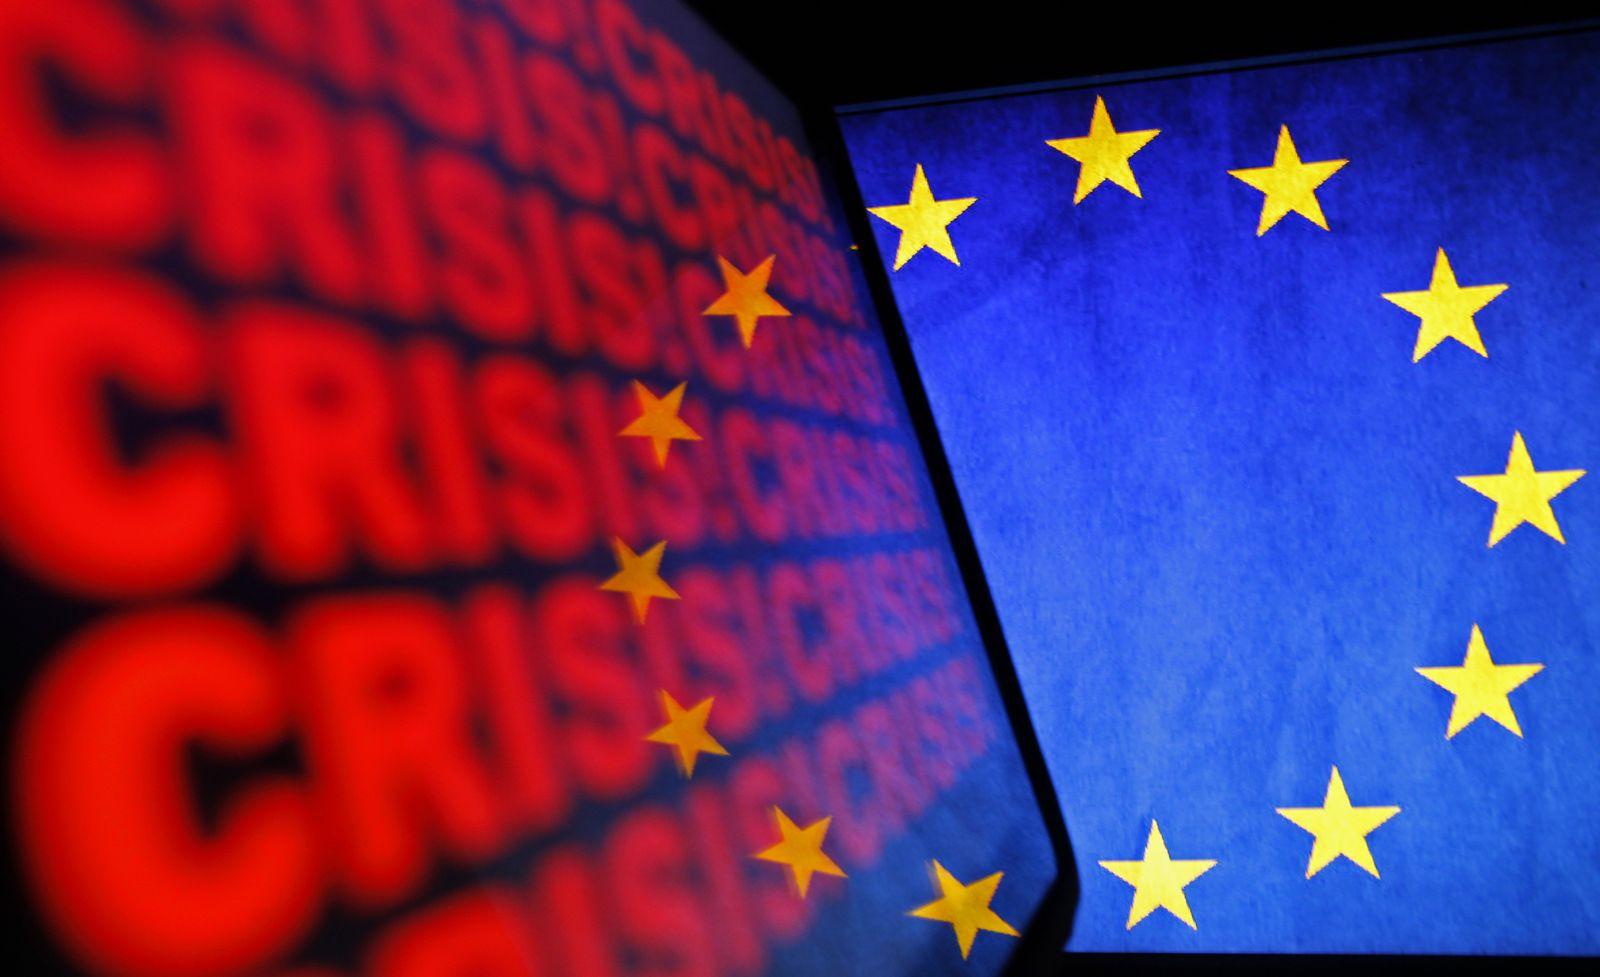 EURO Krise / Finanzkrise